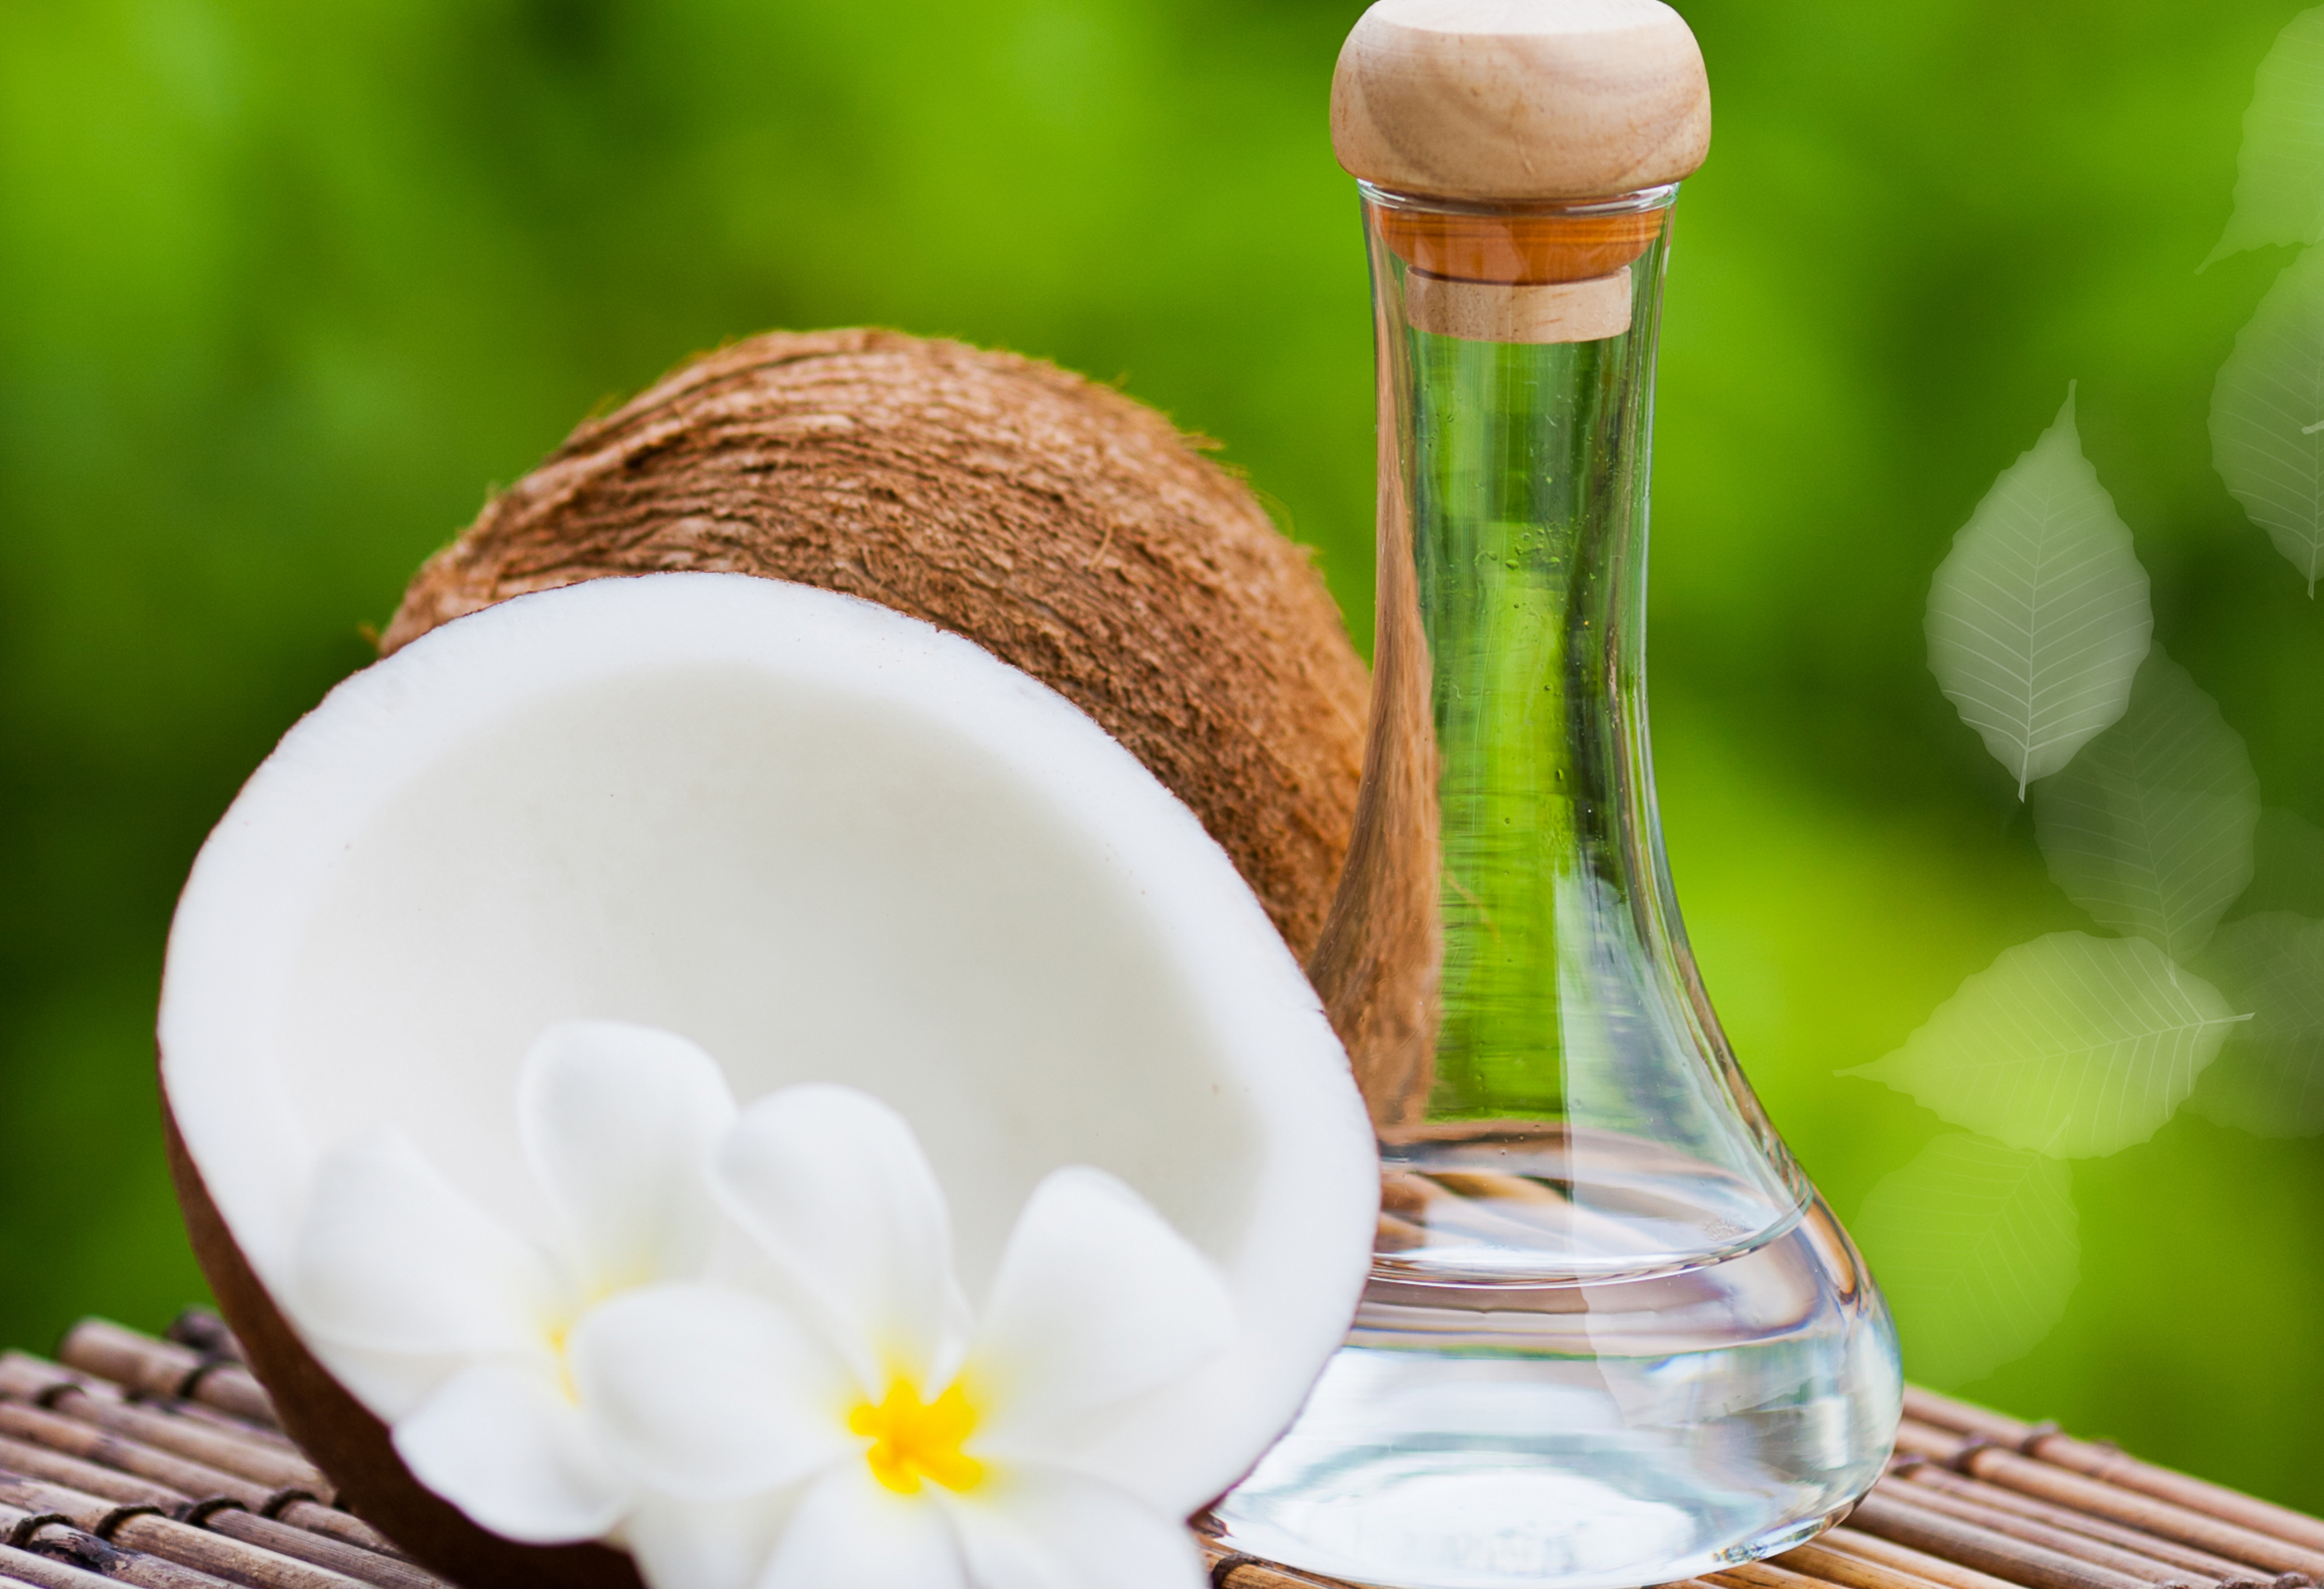 Coconul oil